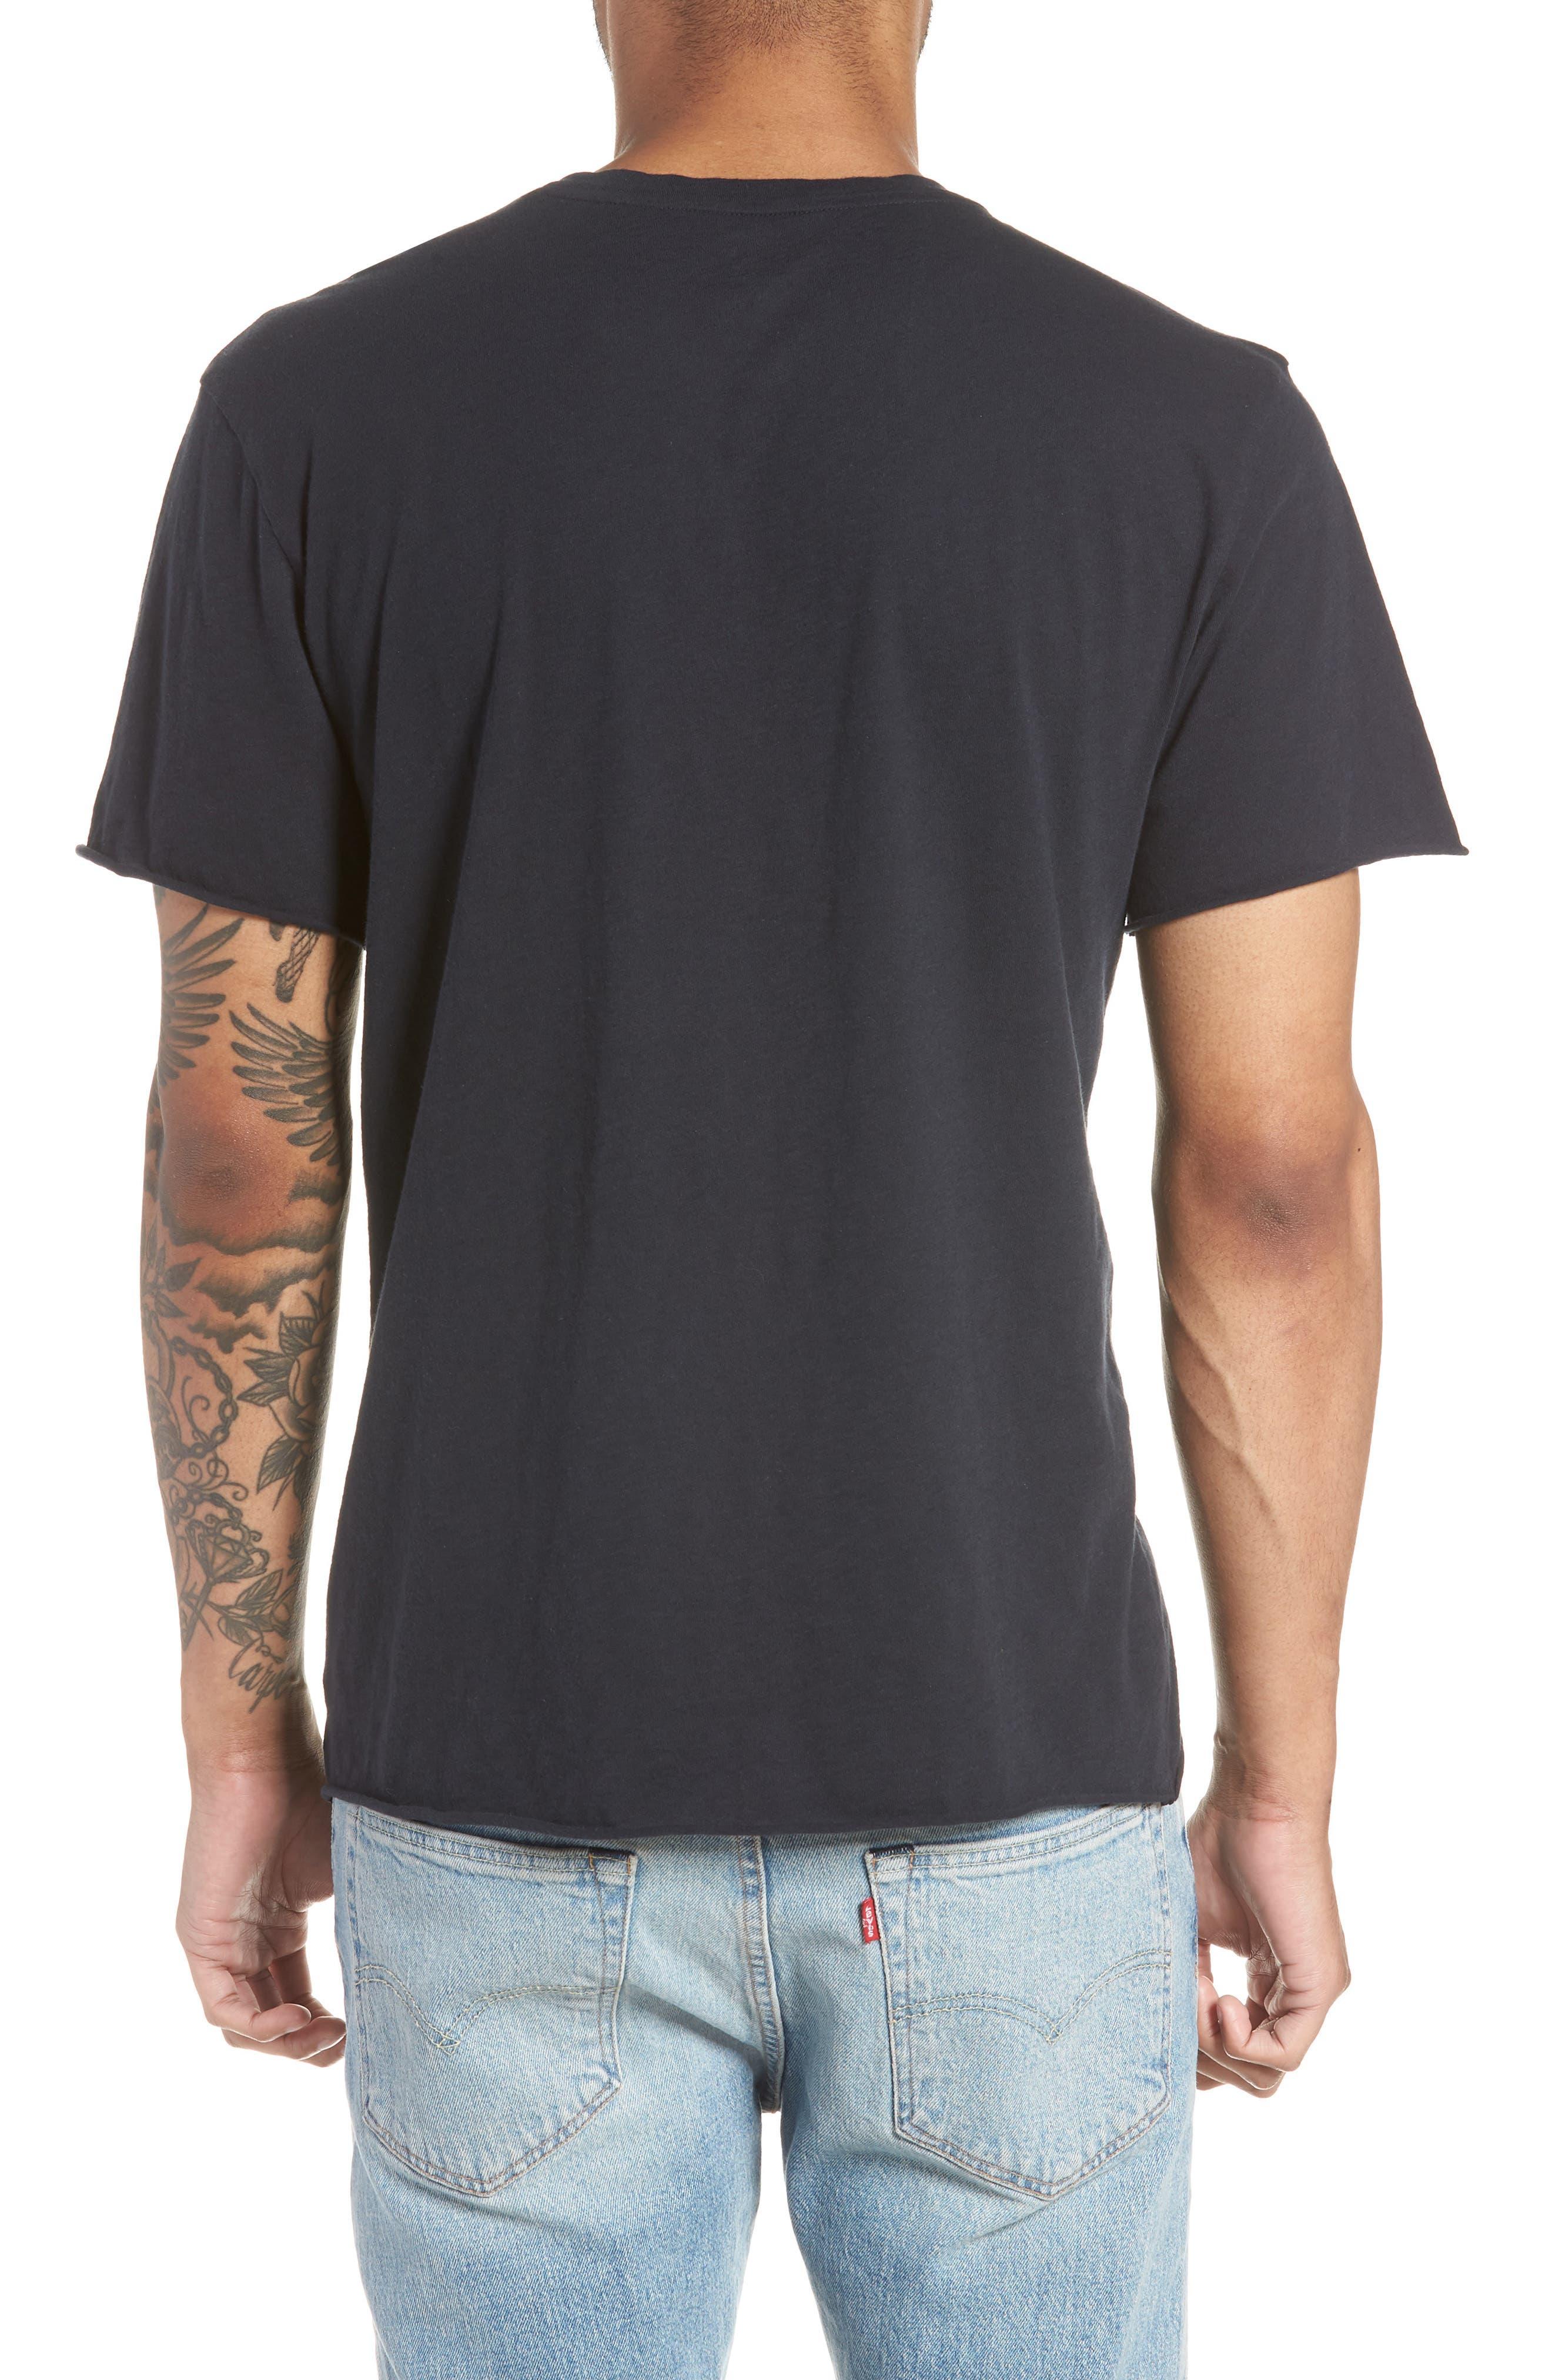 Jimi Hendrix Trim Fit T-Shirt,                             Alternate thumbnail 2, color,                             001